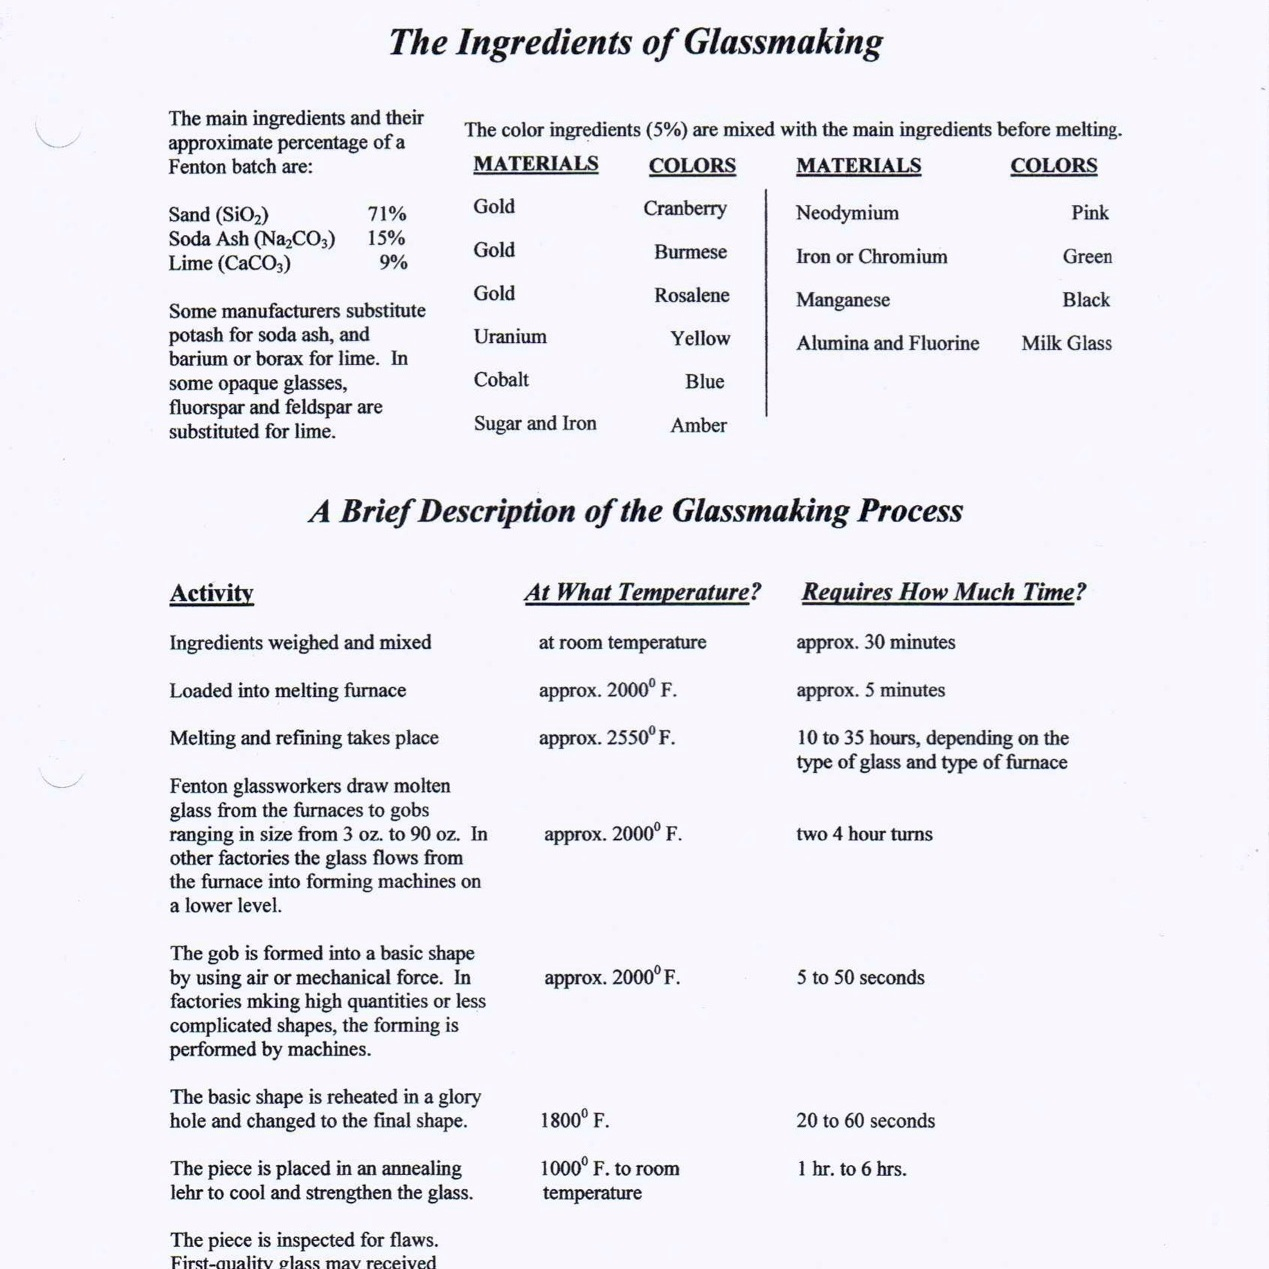 2005 Ingredients of Glassmaking